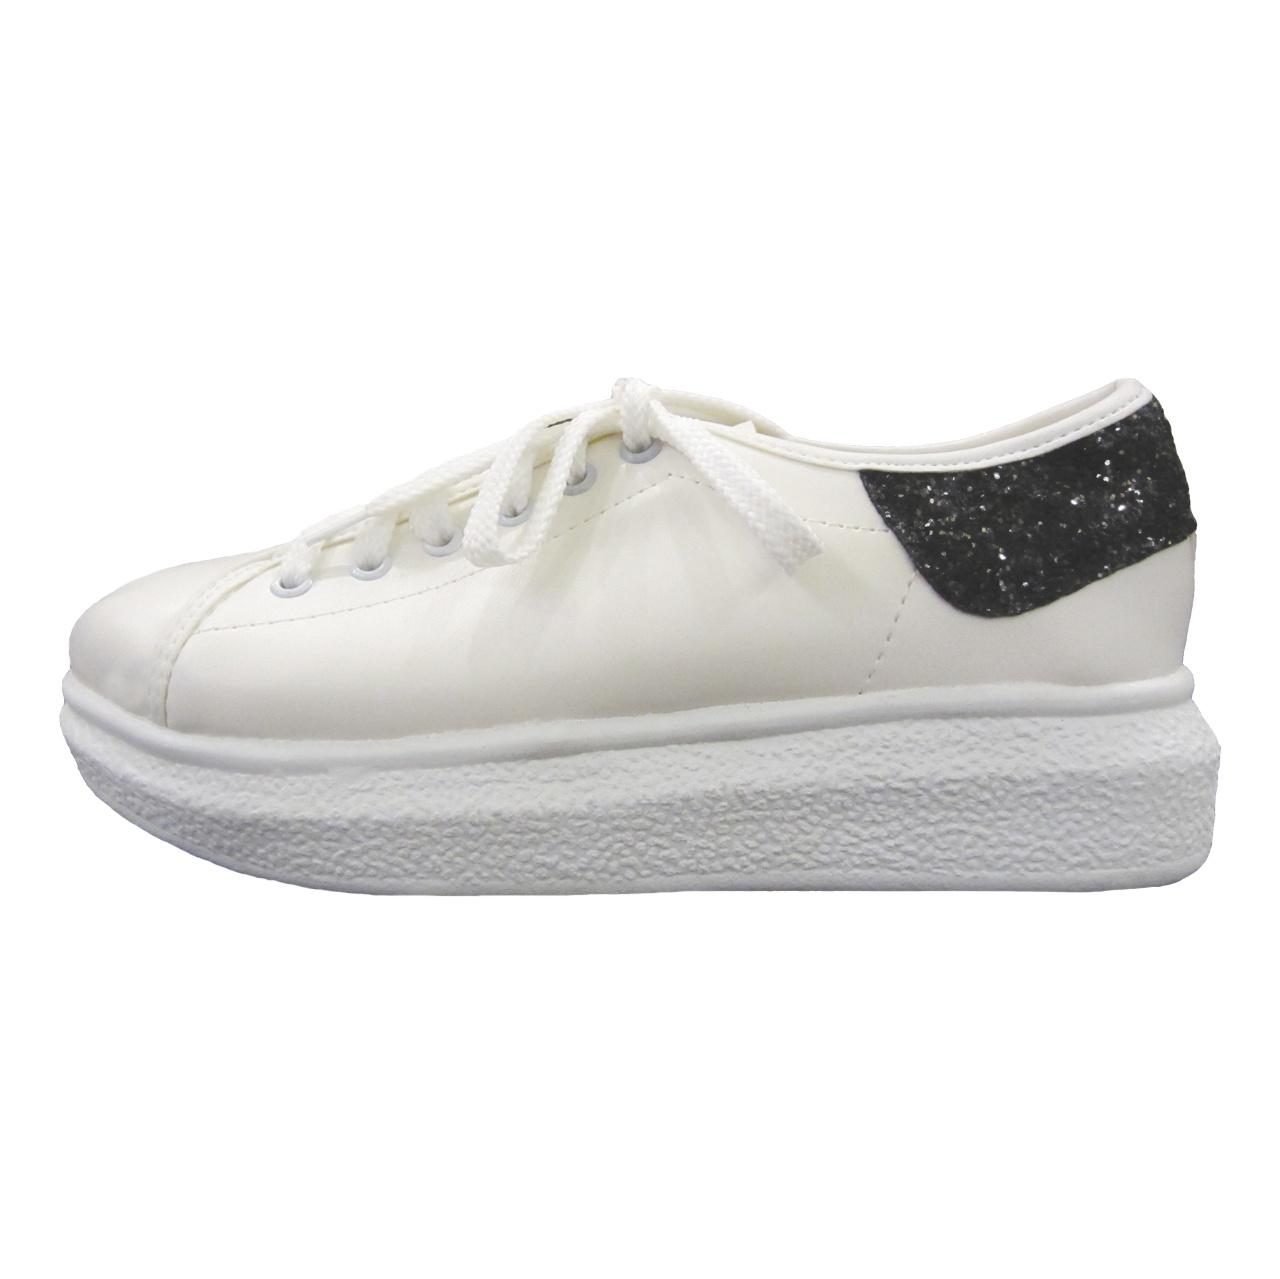 کفش مخصوص پیاده روی زنانه کد 1501